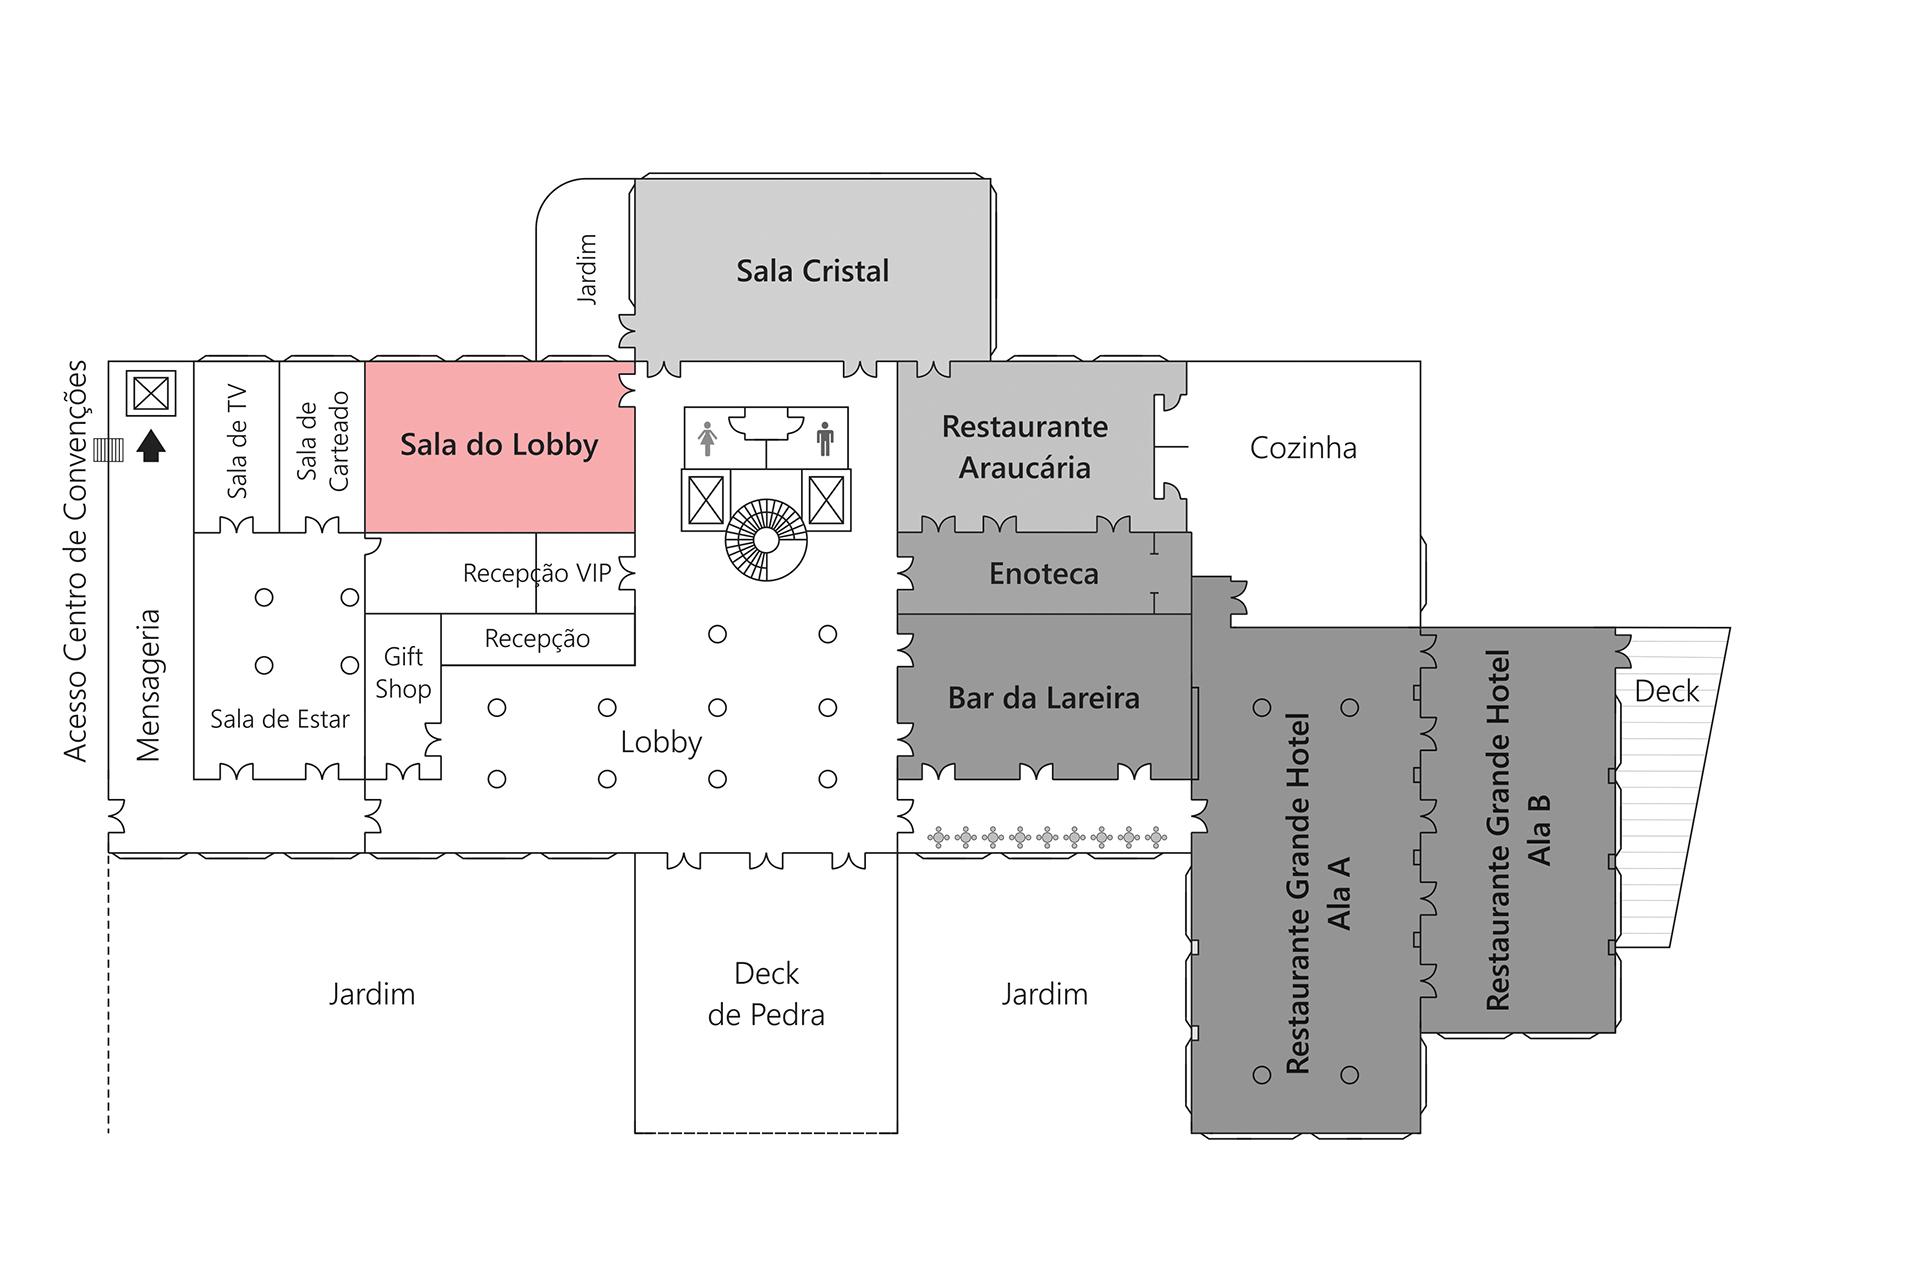 Grande Hotel Campos do Jordão - Planta Sala do Lobby